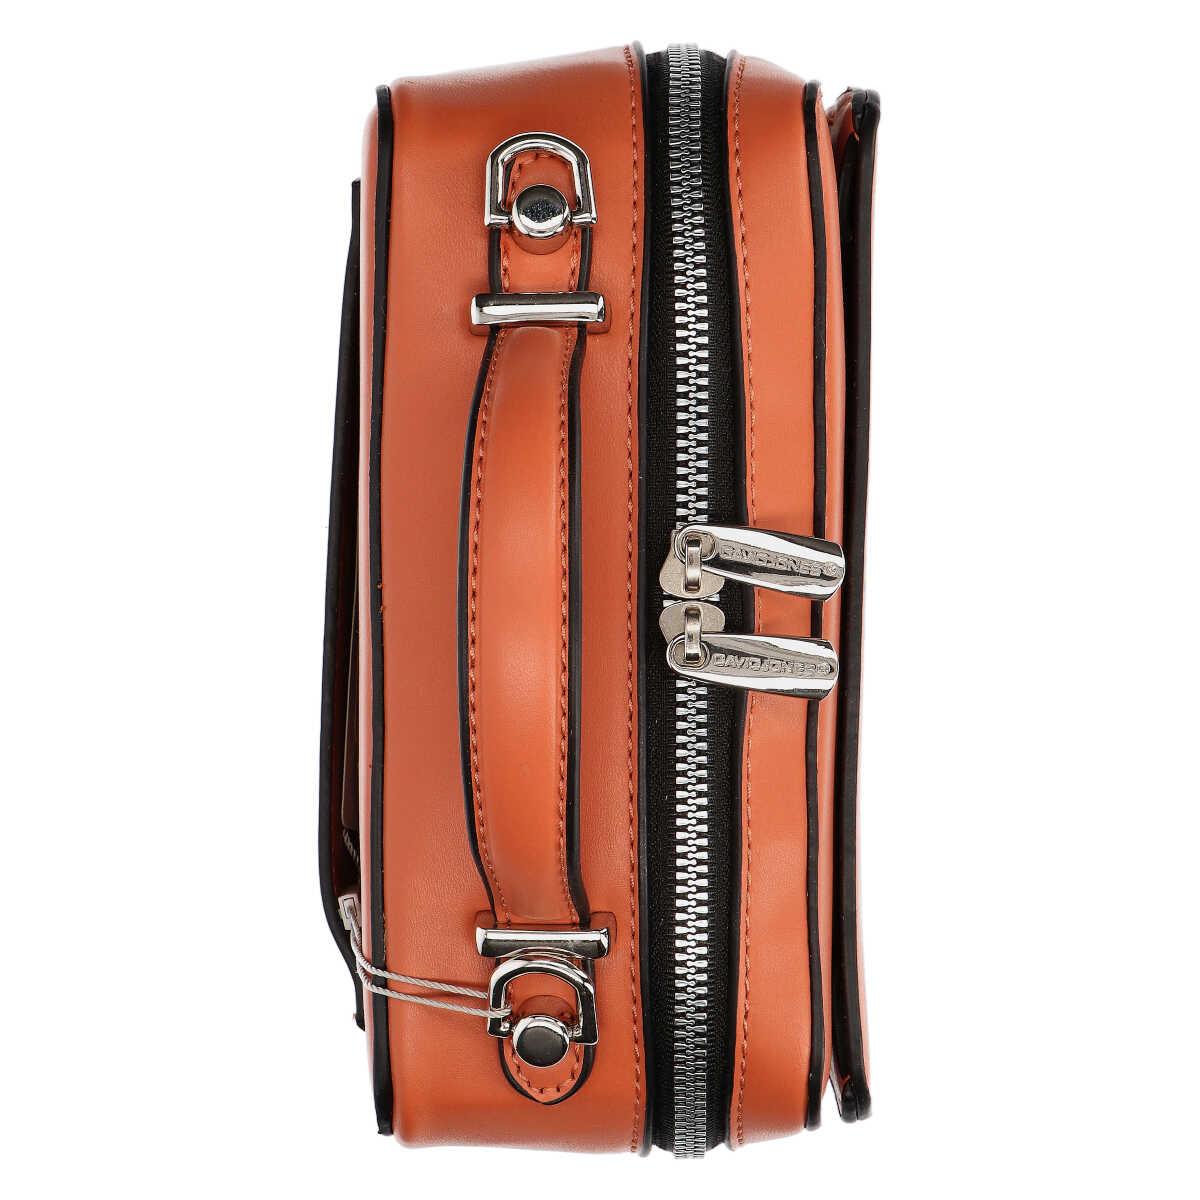 کیف رو دوشی زنانه دیوید جونز مدل 5662 -  - 8